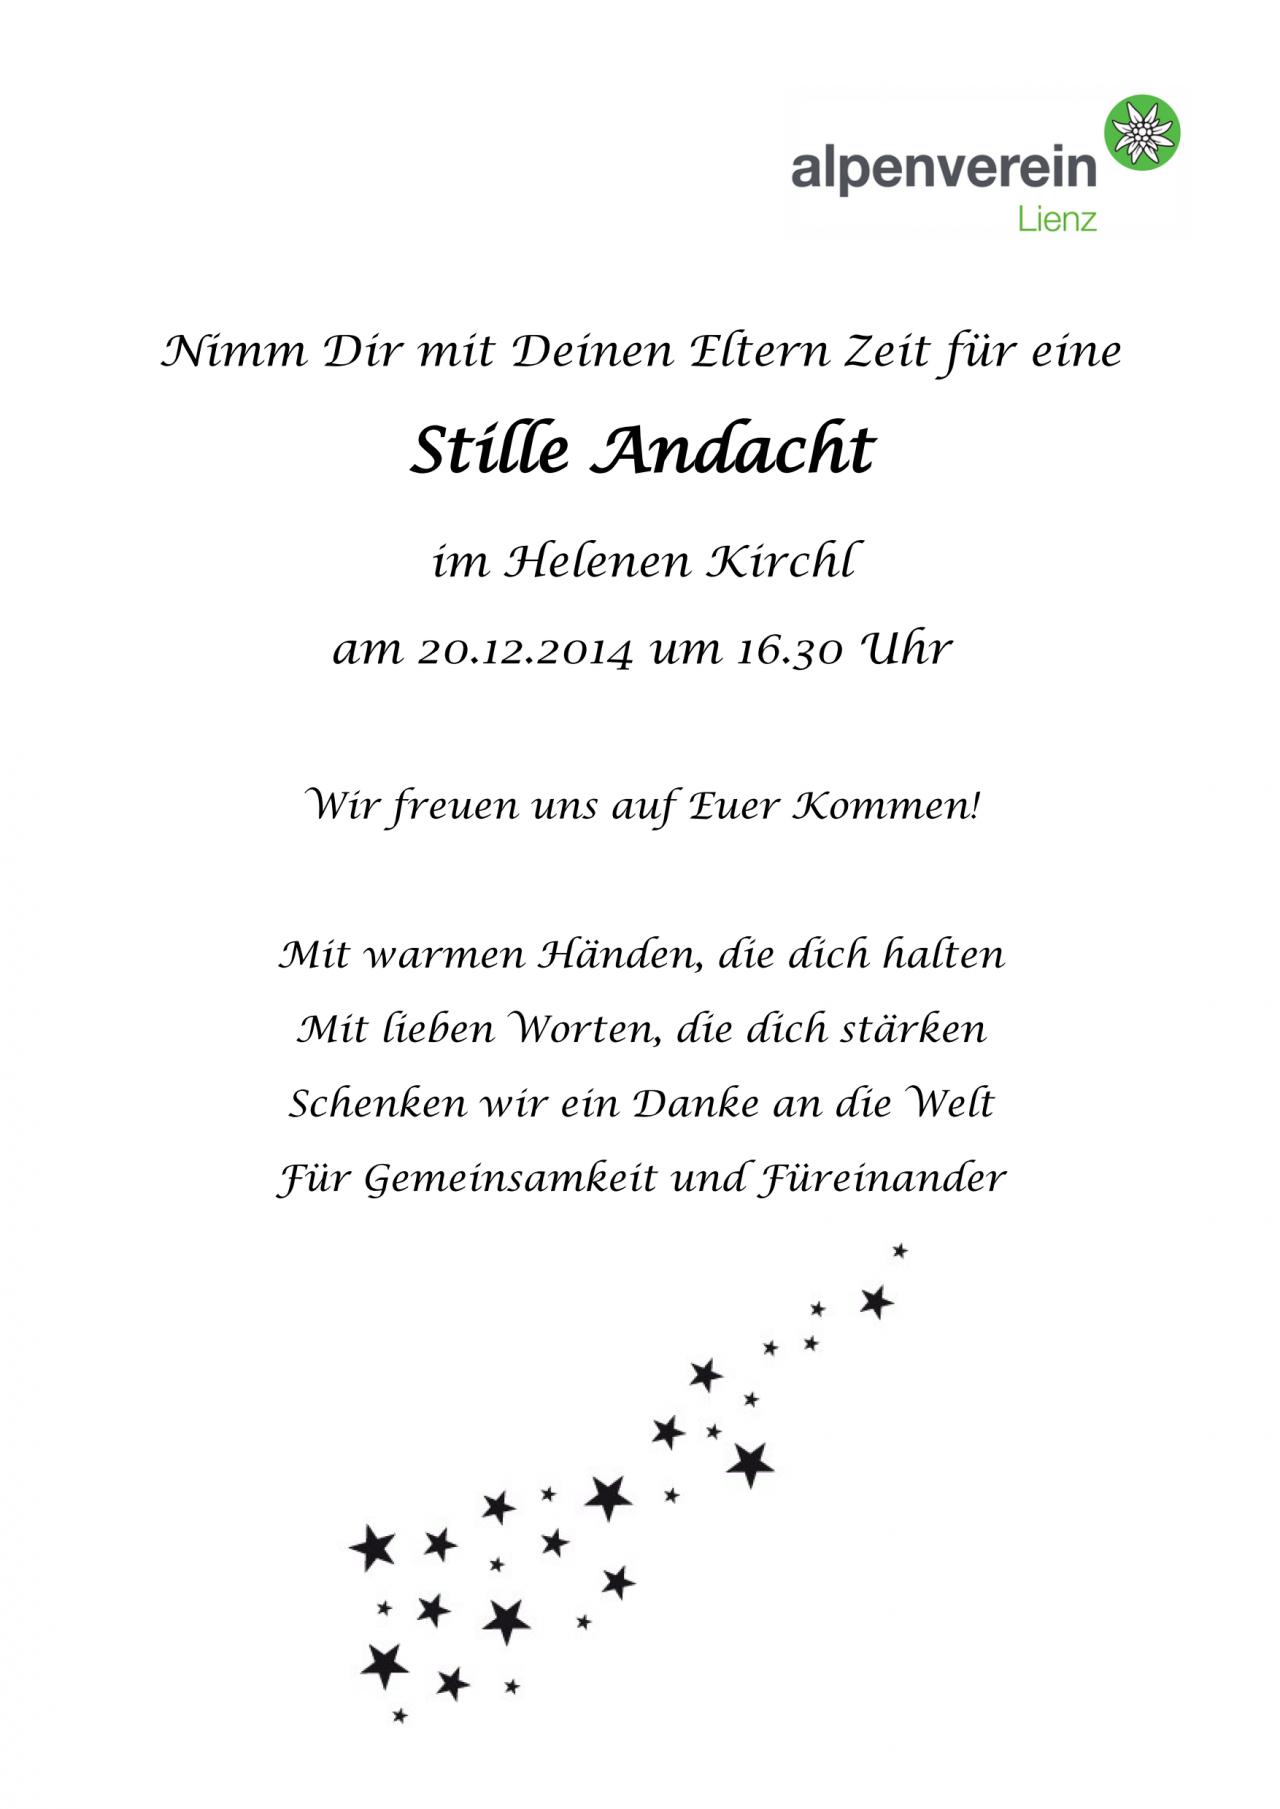 Einladung Zur Weihnachtsfeier.Einladung Weihnachtsfeier Alpenverein